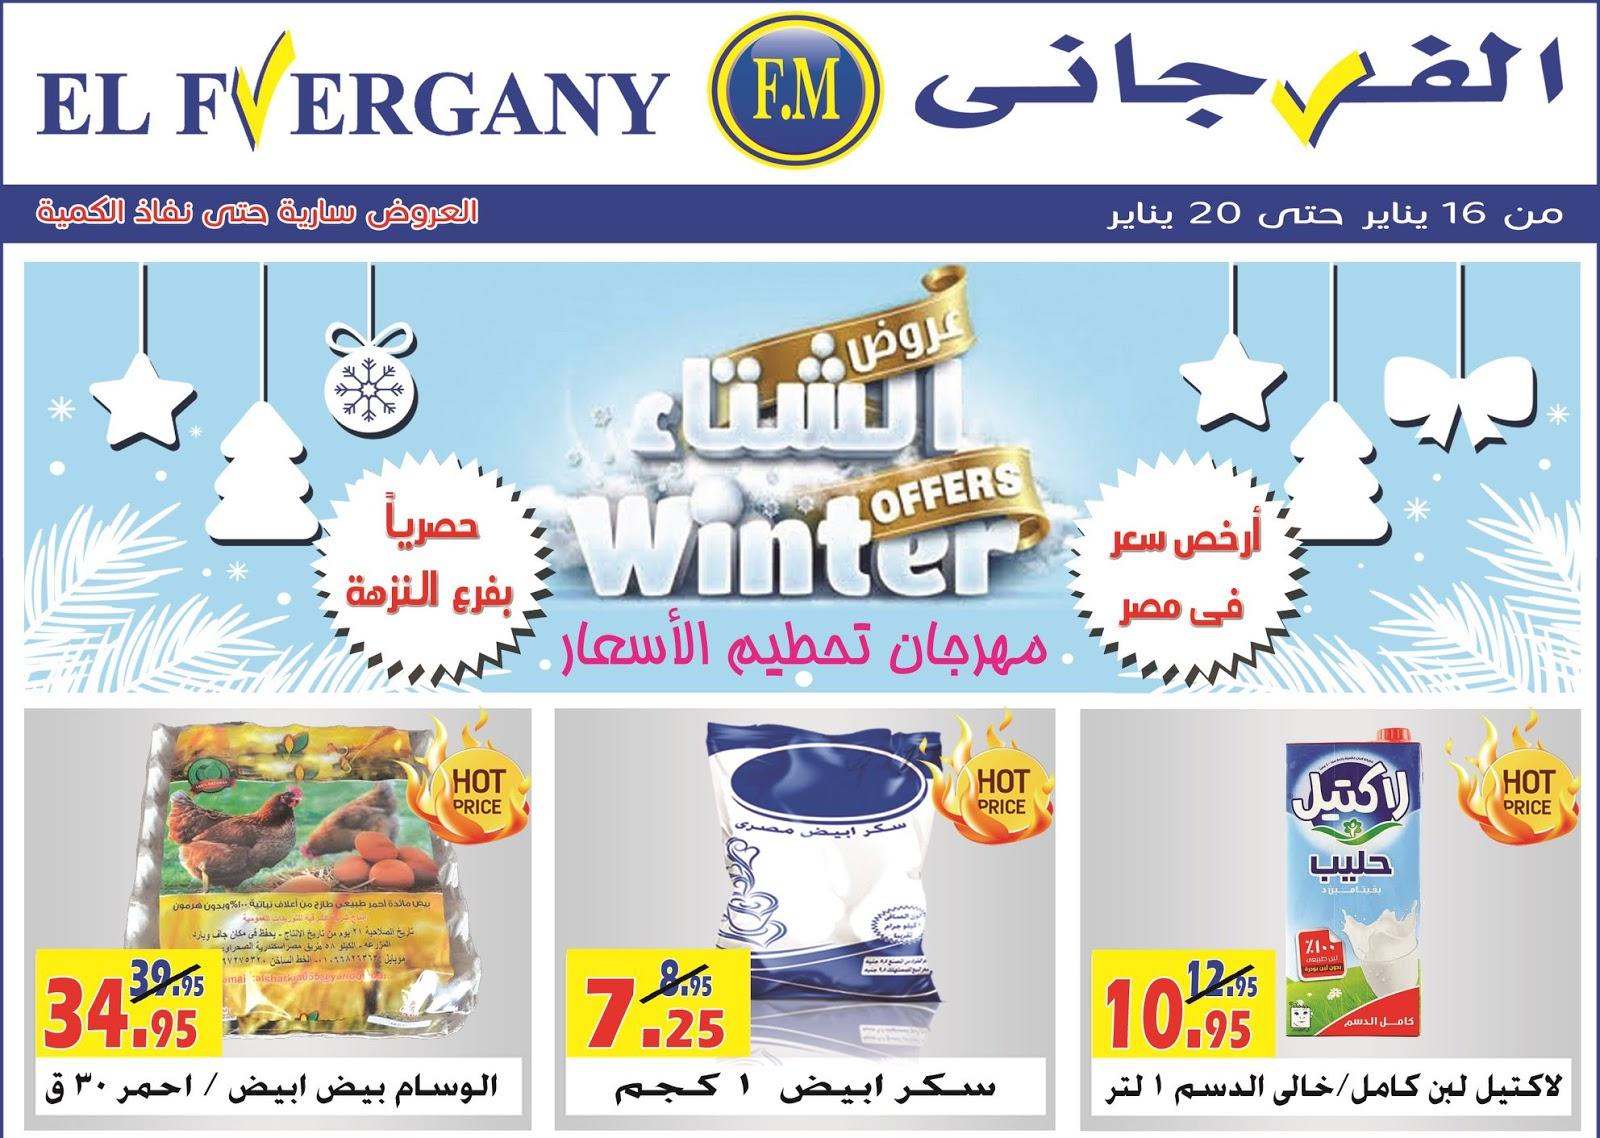 عروض الفرجانى مهرجان تحطيم الاسعار من 16 يناير حتى 20 يناير 2020 فرع النزهة فقط